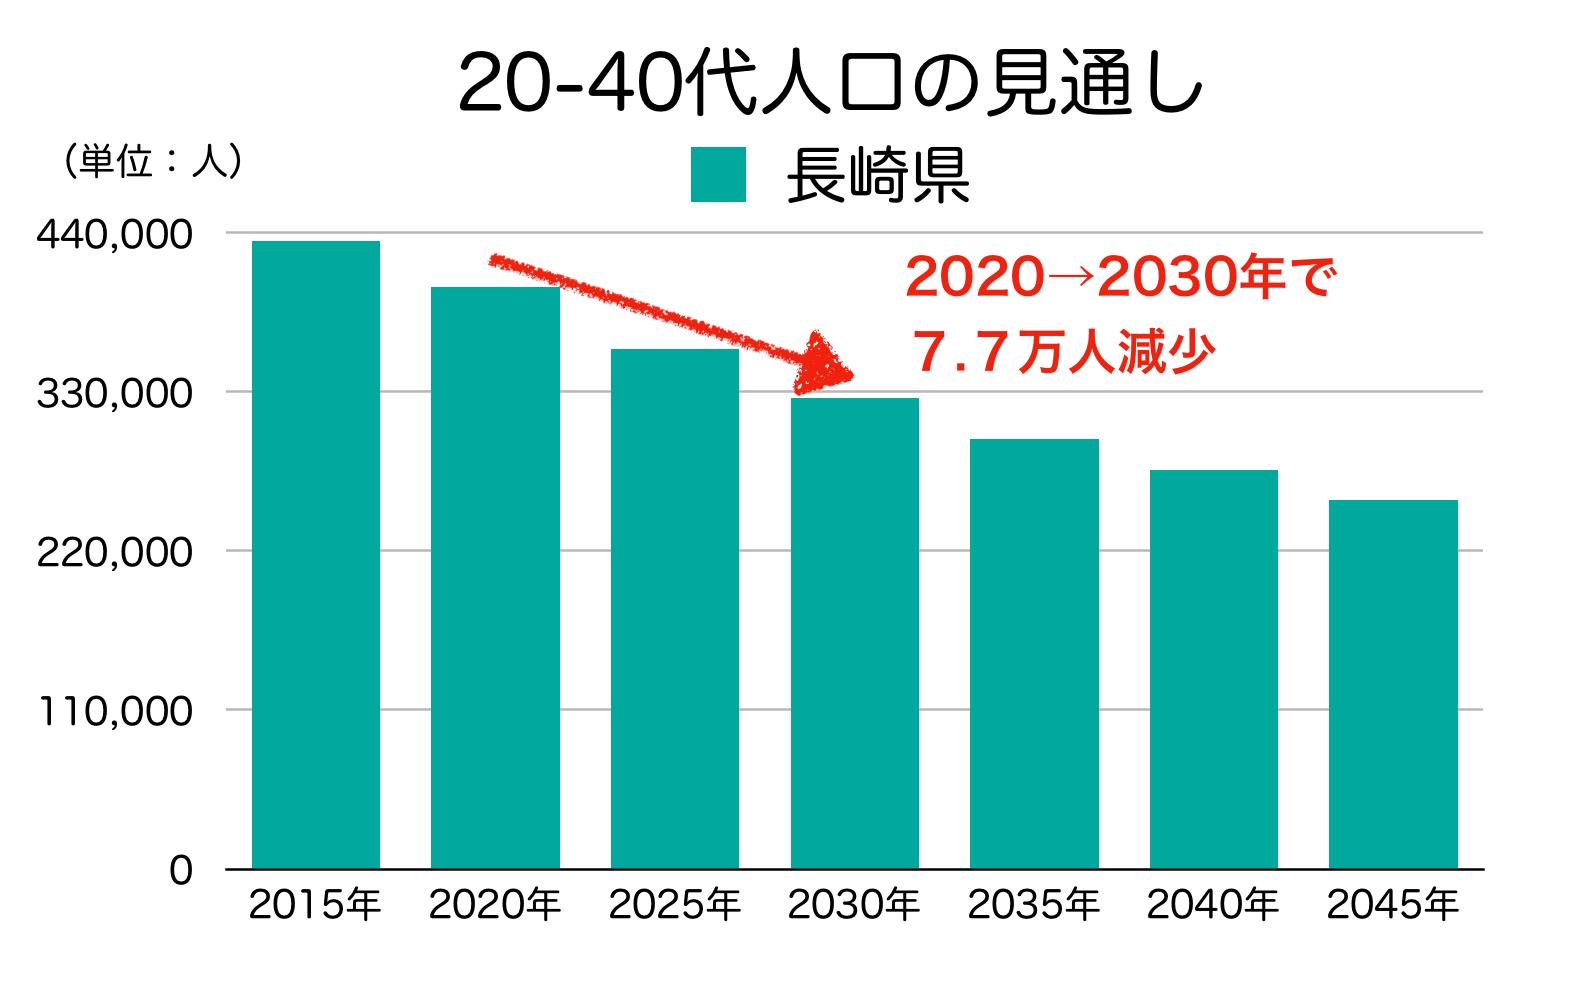 長崎県の20-40代人口の見通し